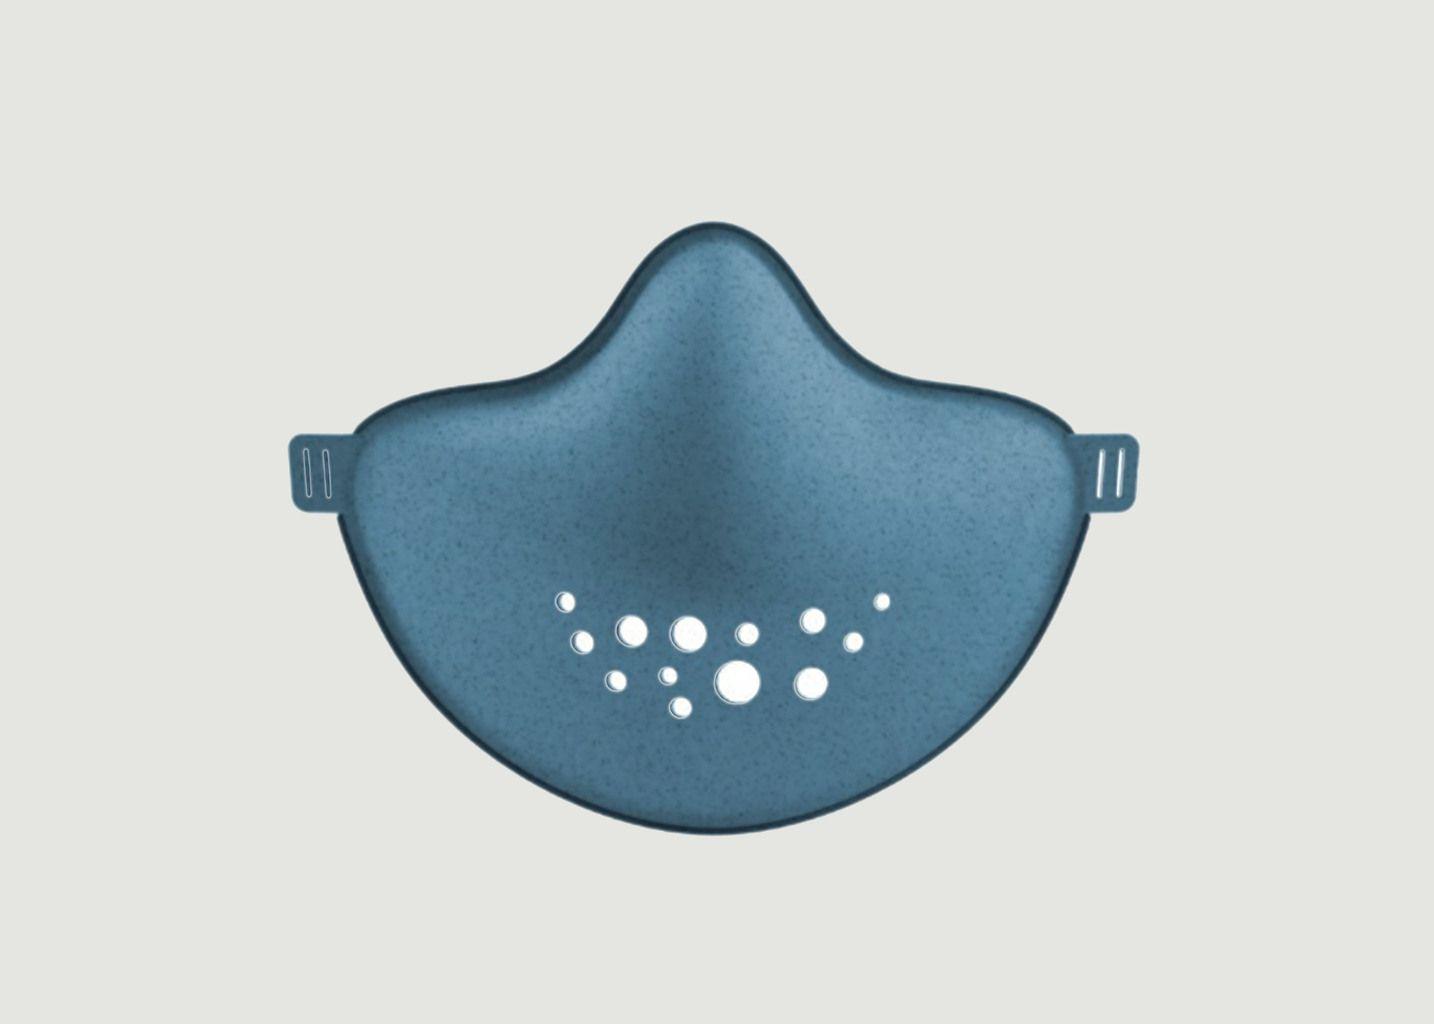 Masque Community réutilisable - Koziol